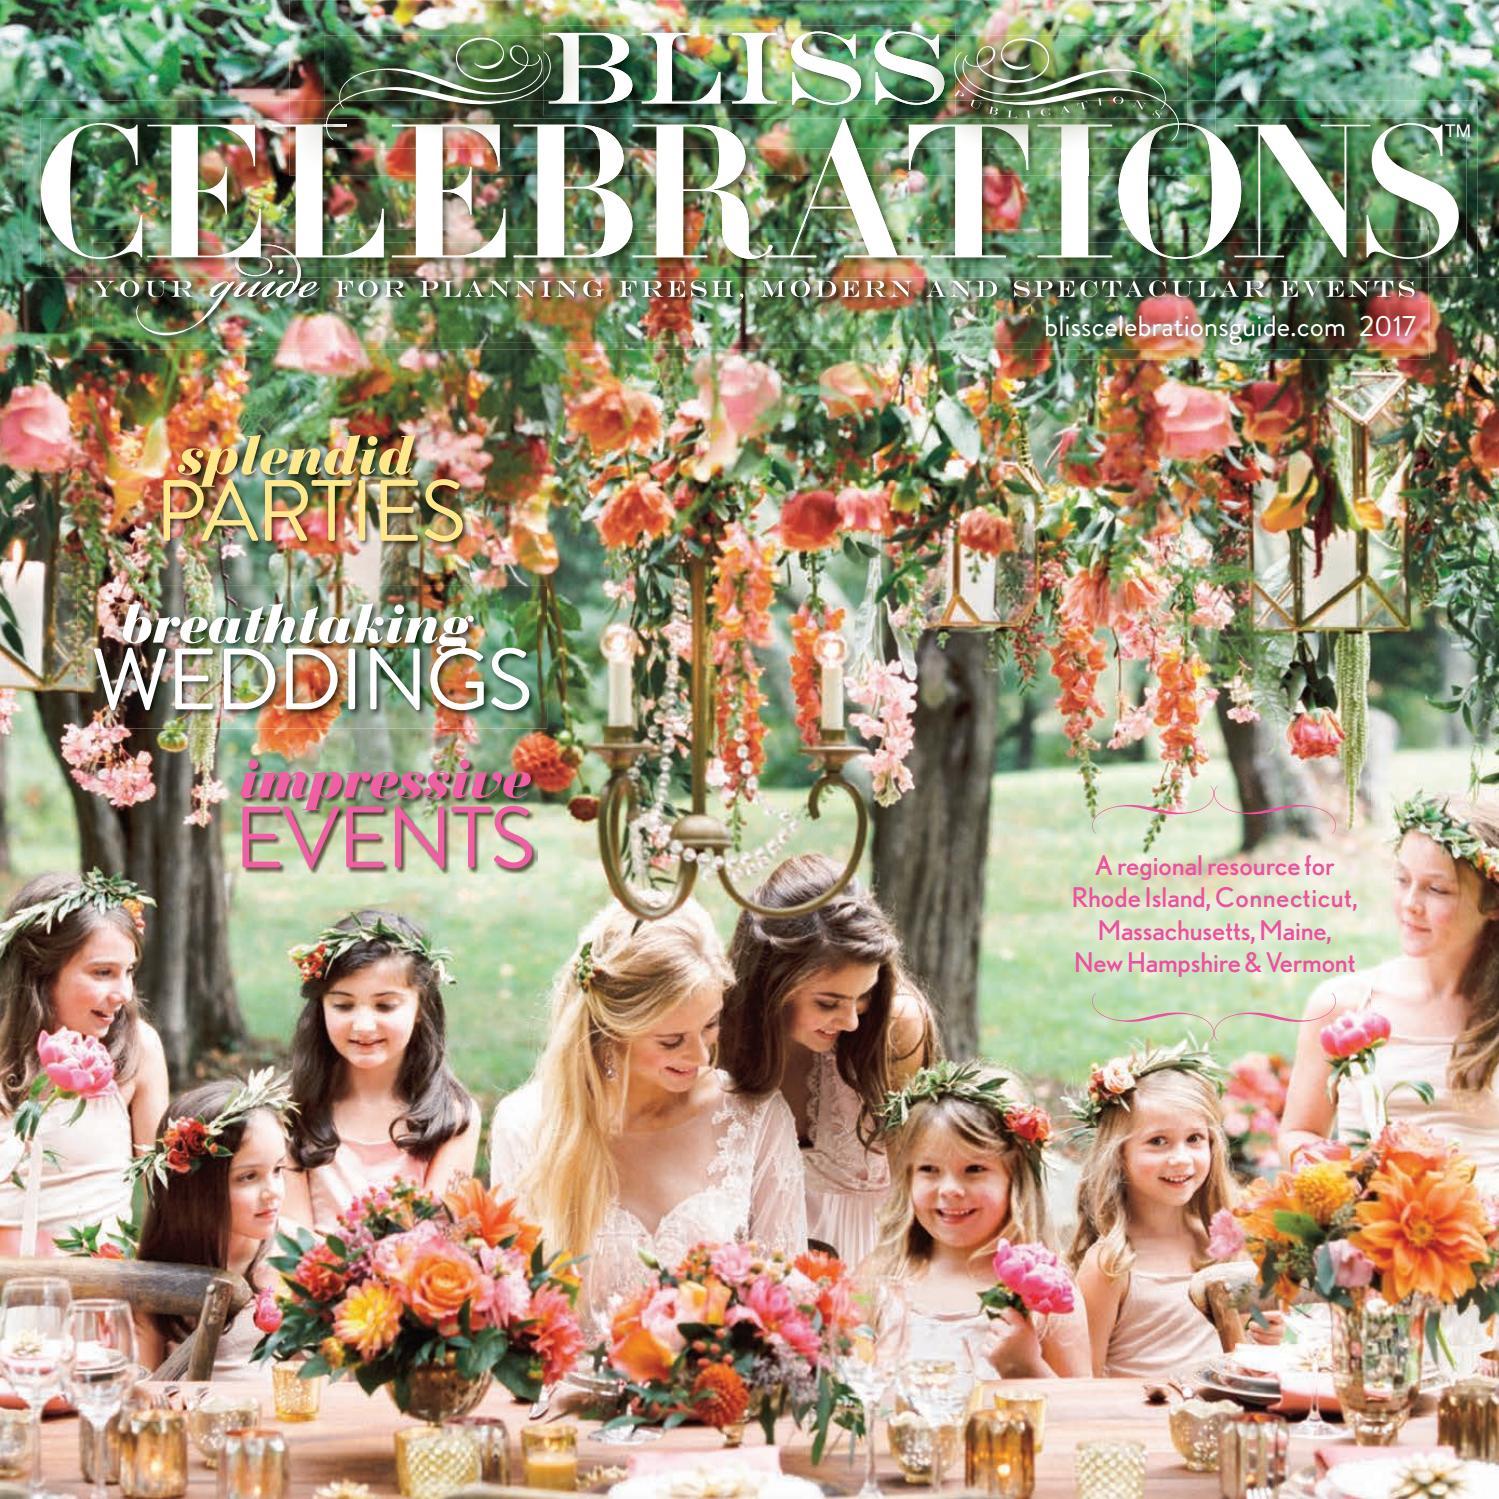 Bliss Celebrations Guide (2017)